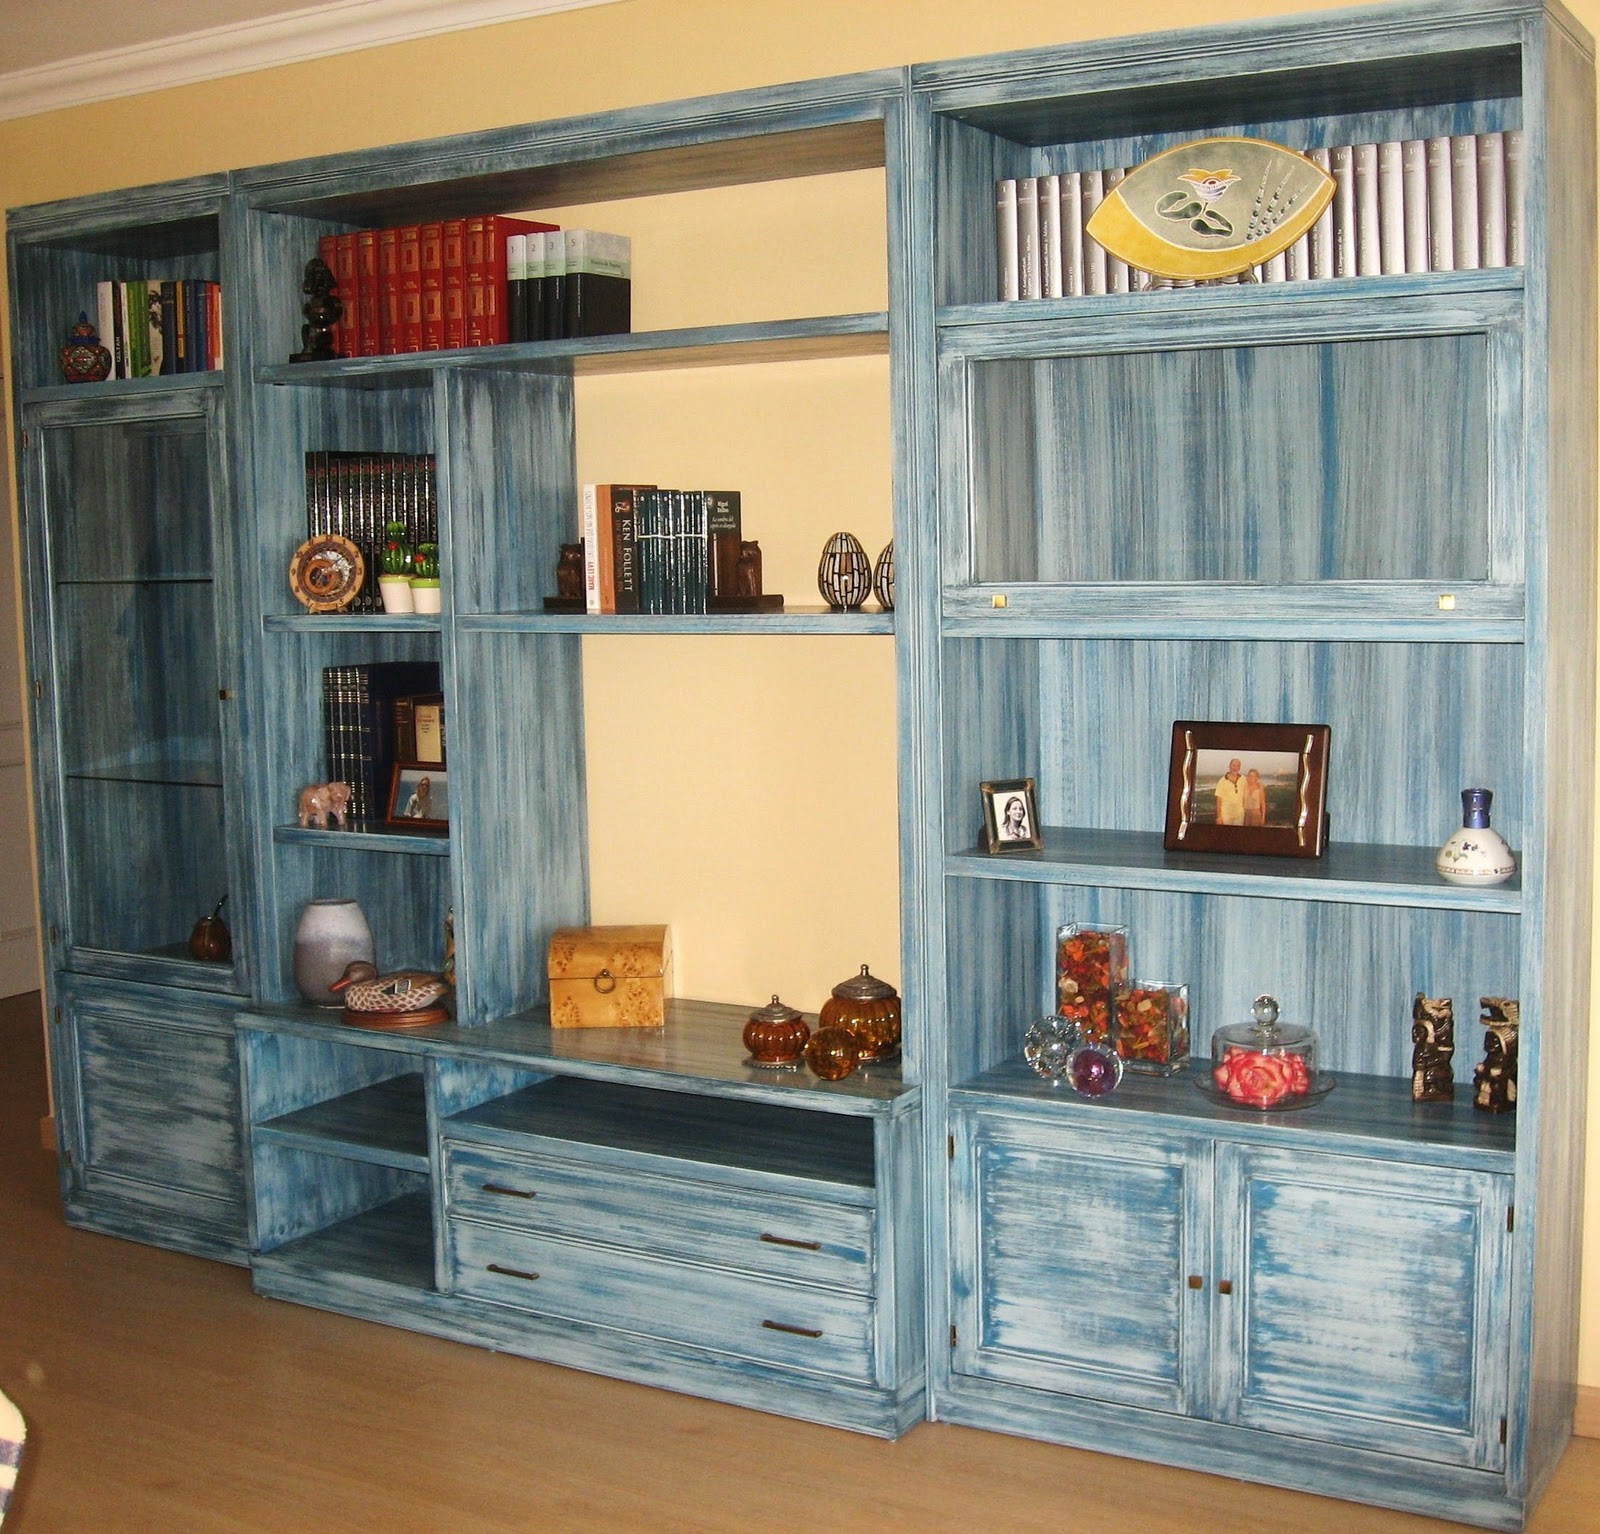 Restaurata p tinas for Muebles de anticuario